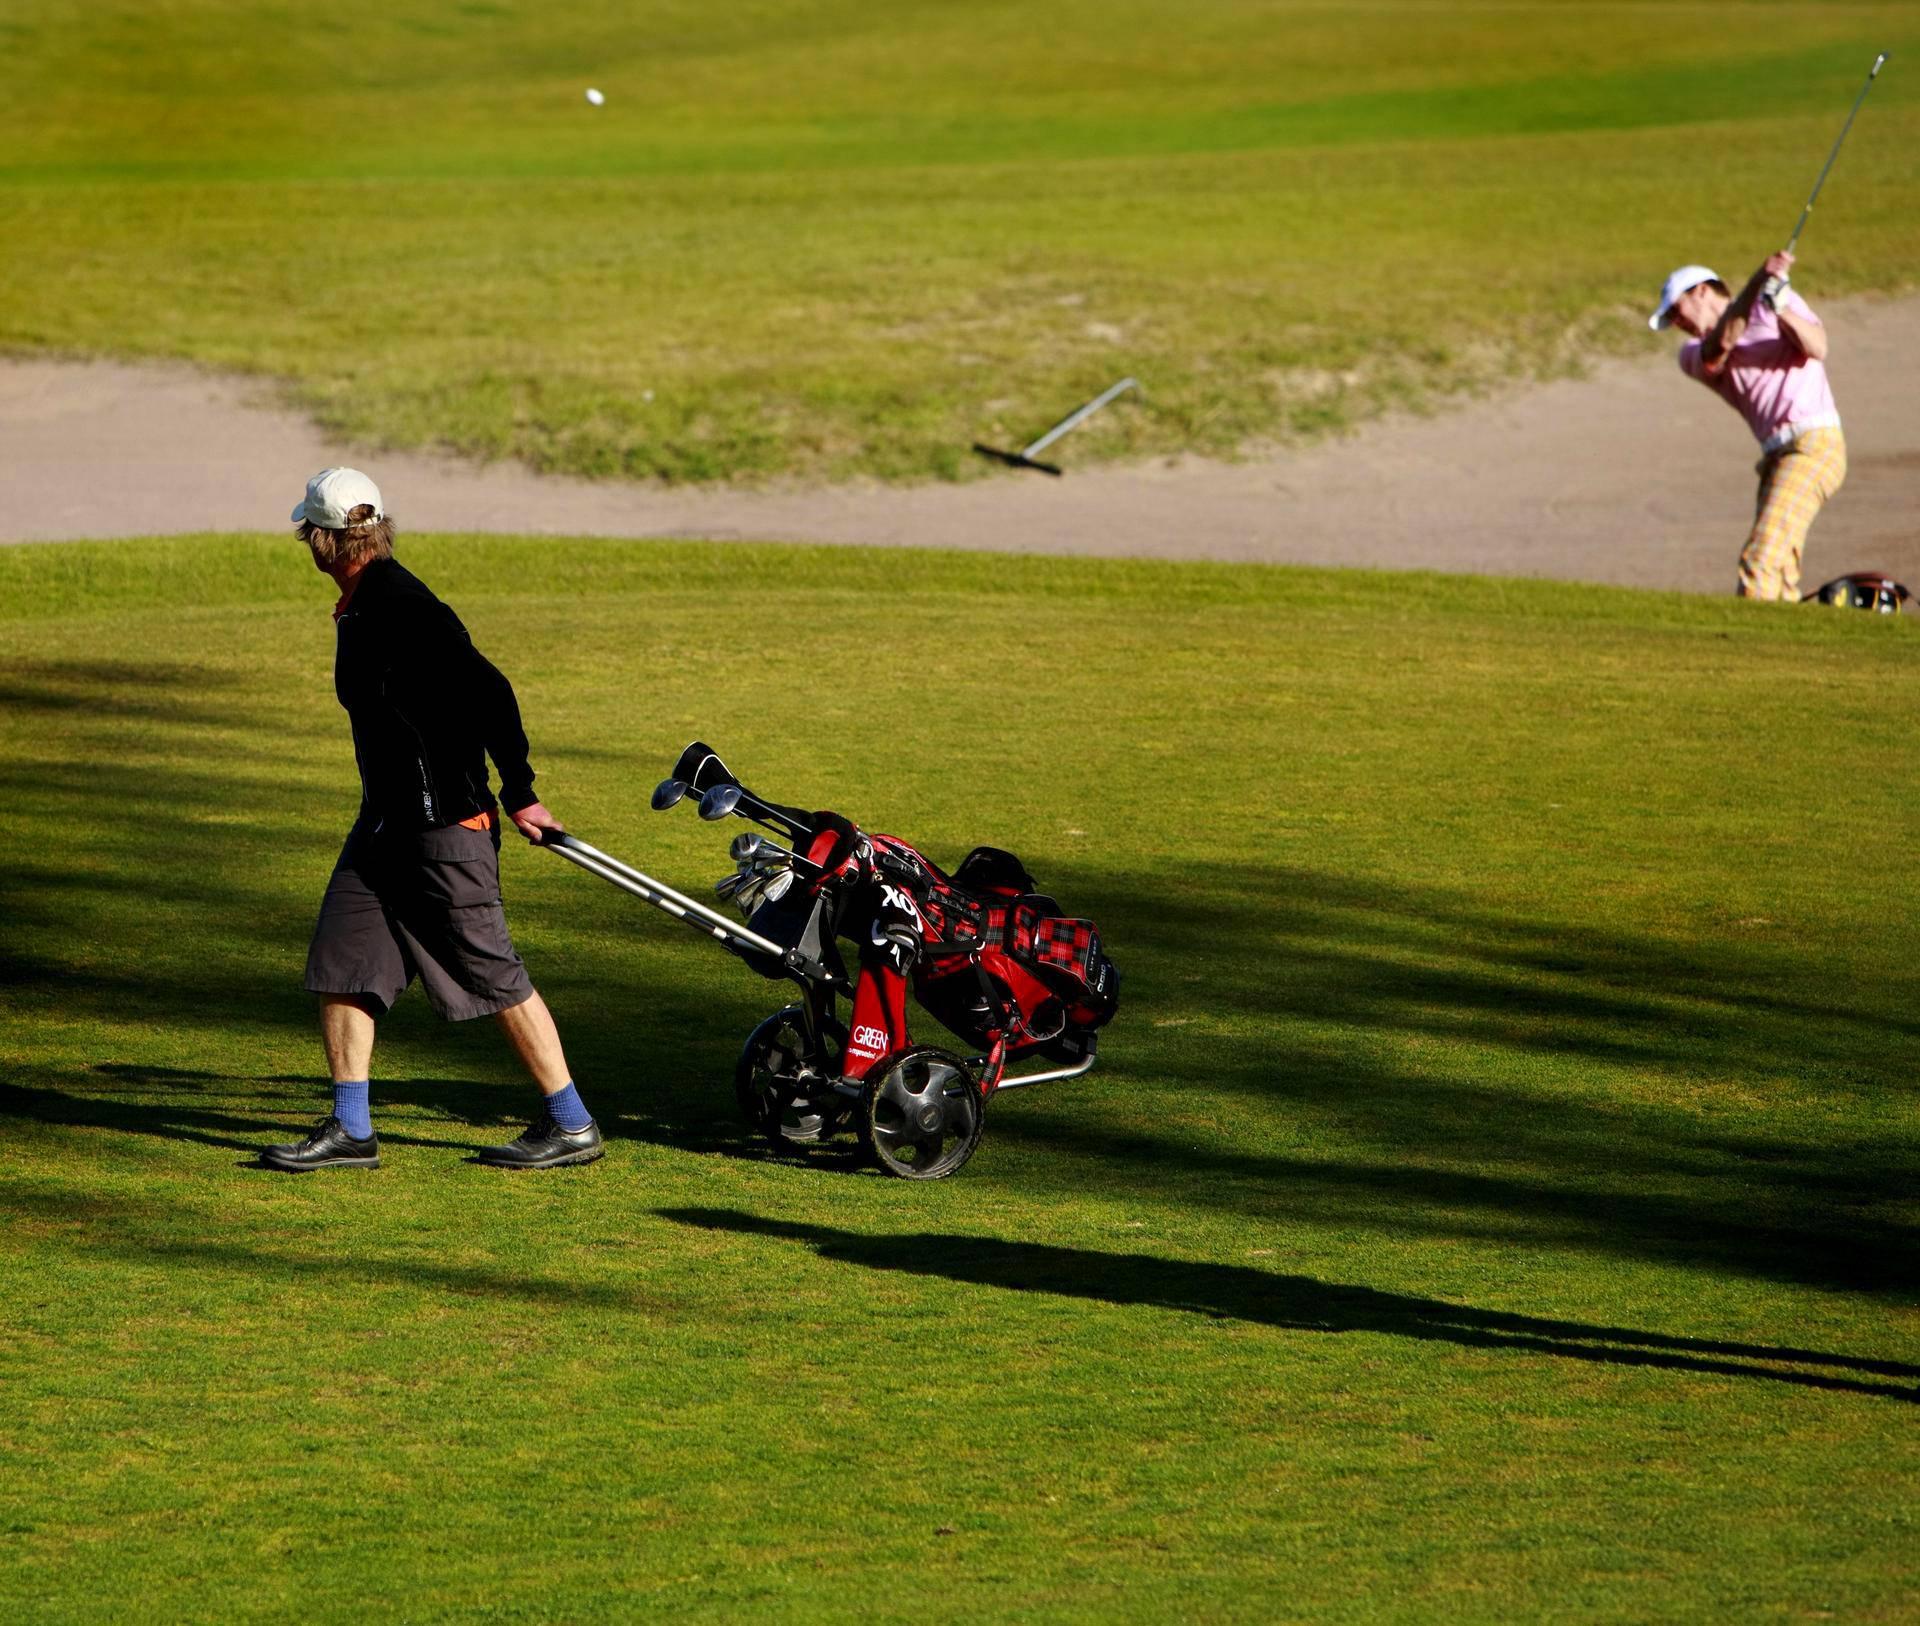 Golf ottelu tekee